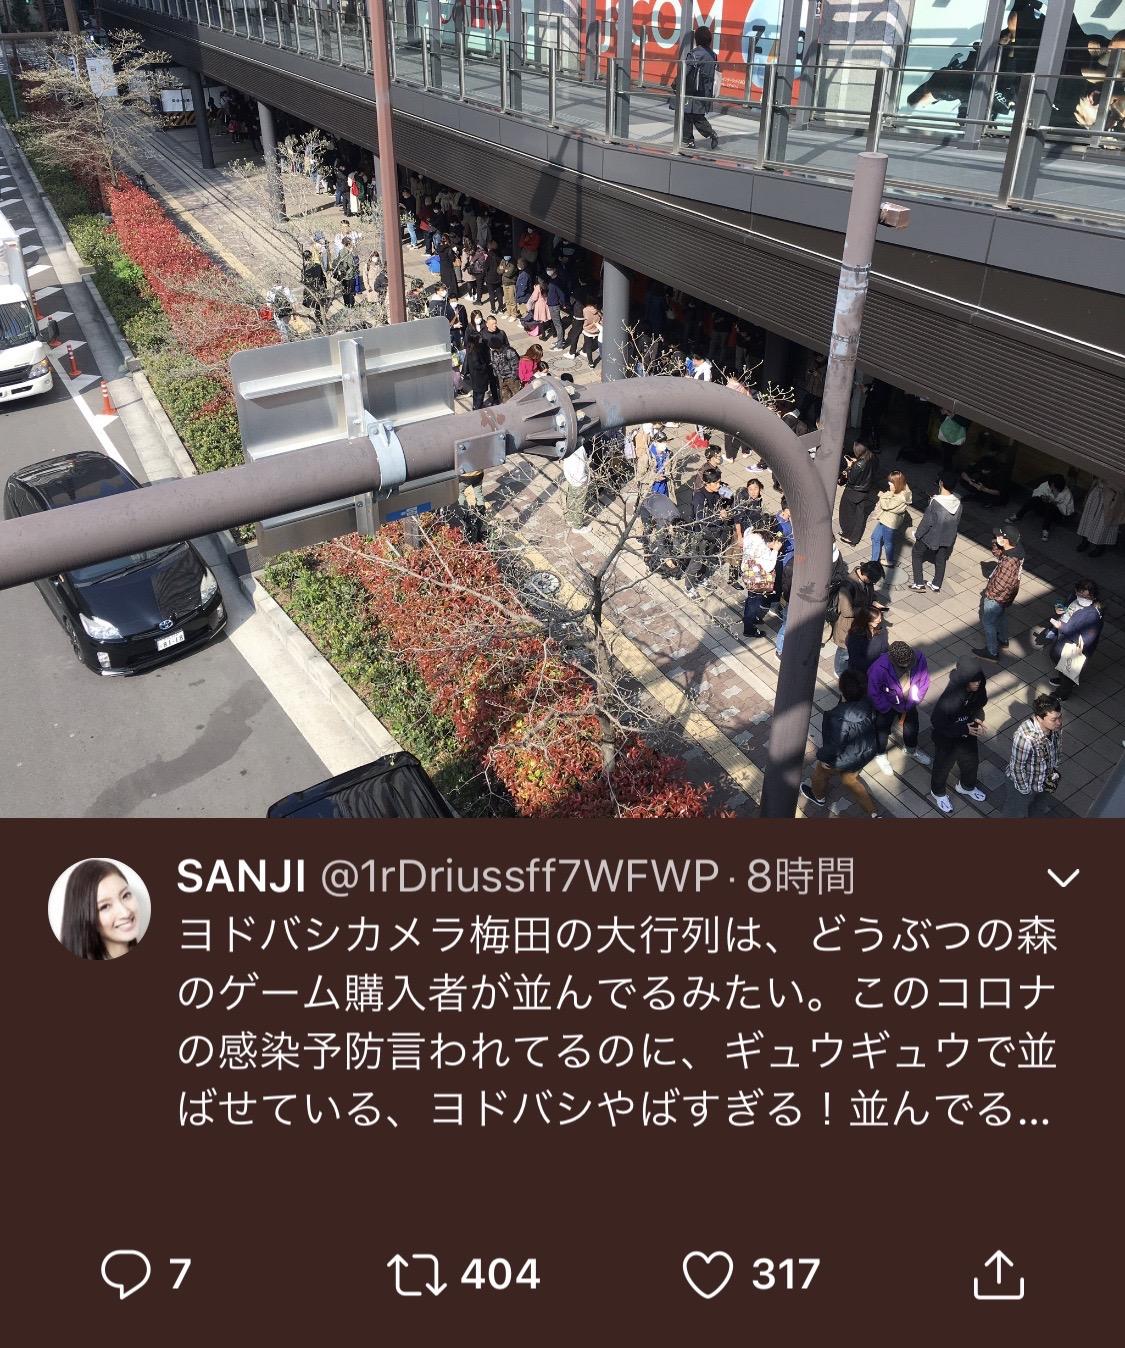 3 6 - 【任天悲報】任天堂さん、任天堂Switch再出荷でとんでもない任天堂行列を作らせてしまう【任天】